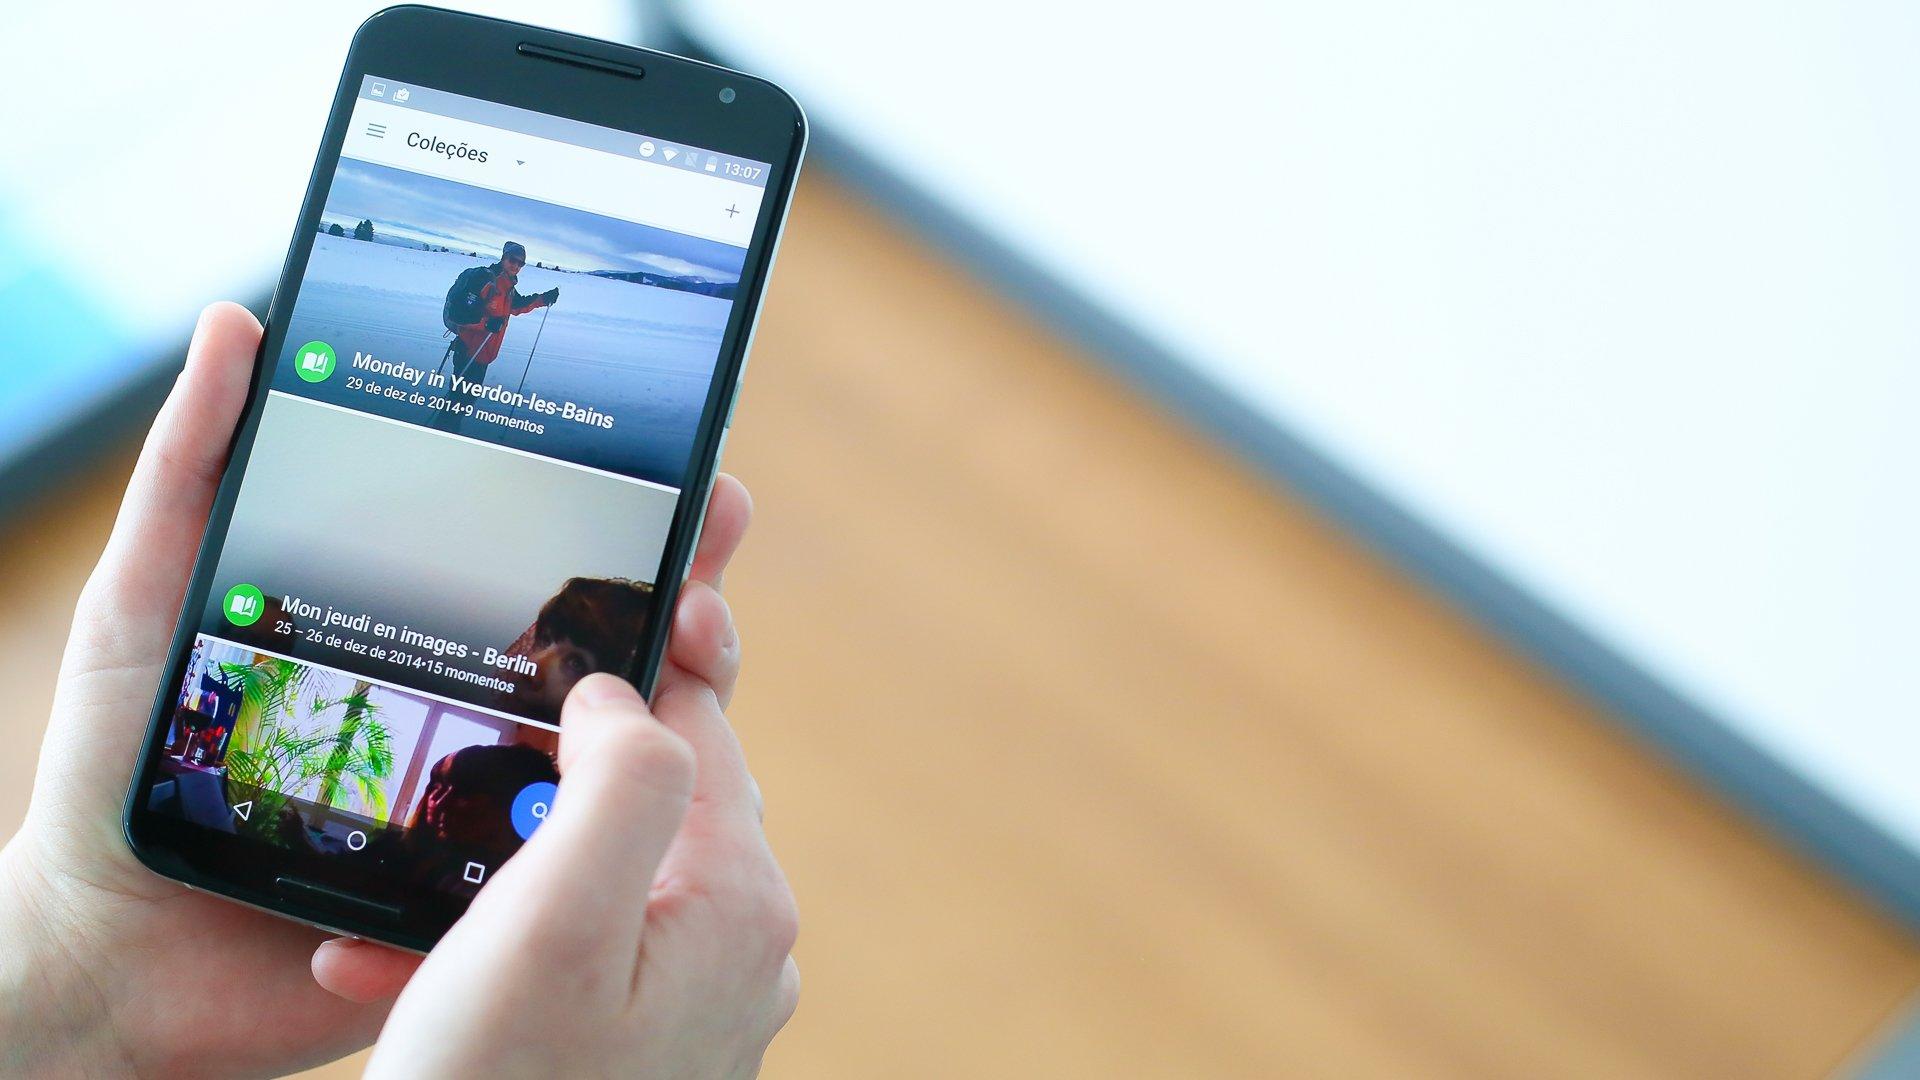 стиль это отправить фото со смартфона на смартфон совету звезд